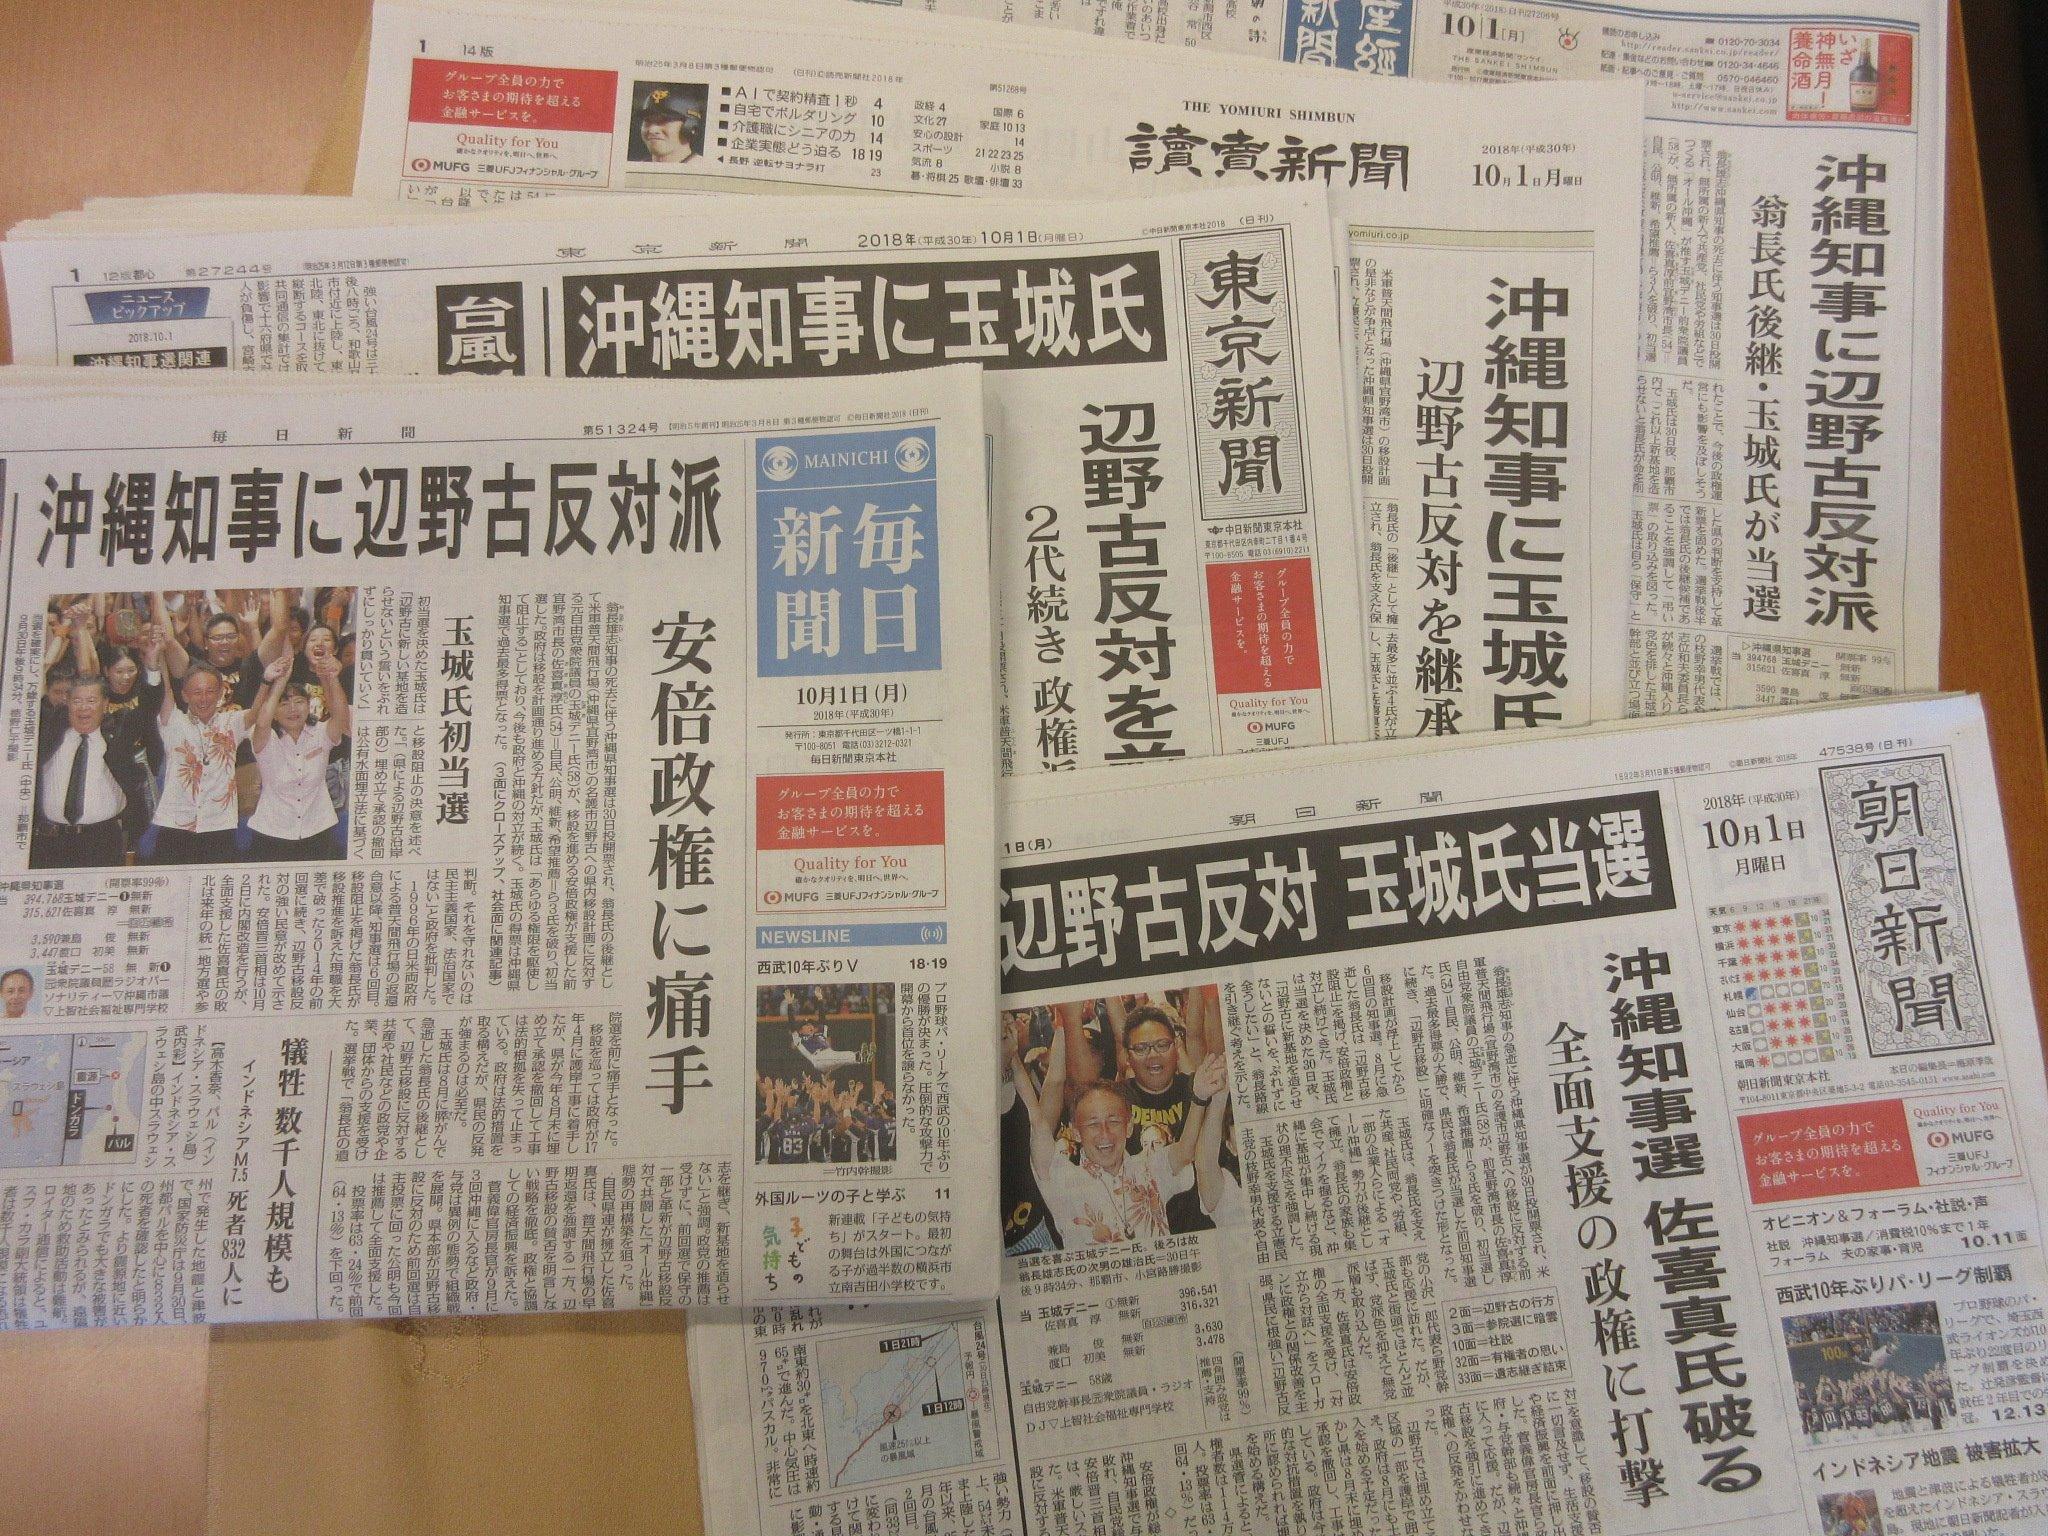 http://www.inoue-satoshi.com/diary/%E7%9F%A5%E4%BA%8B%E9%81%B8%E5%A0%B1%E9%81%93.jpg